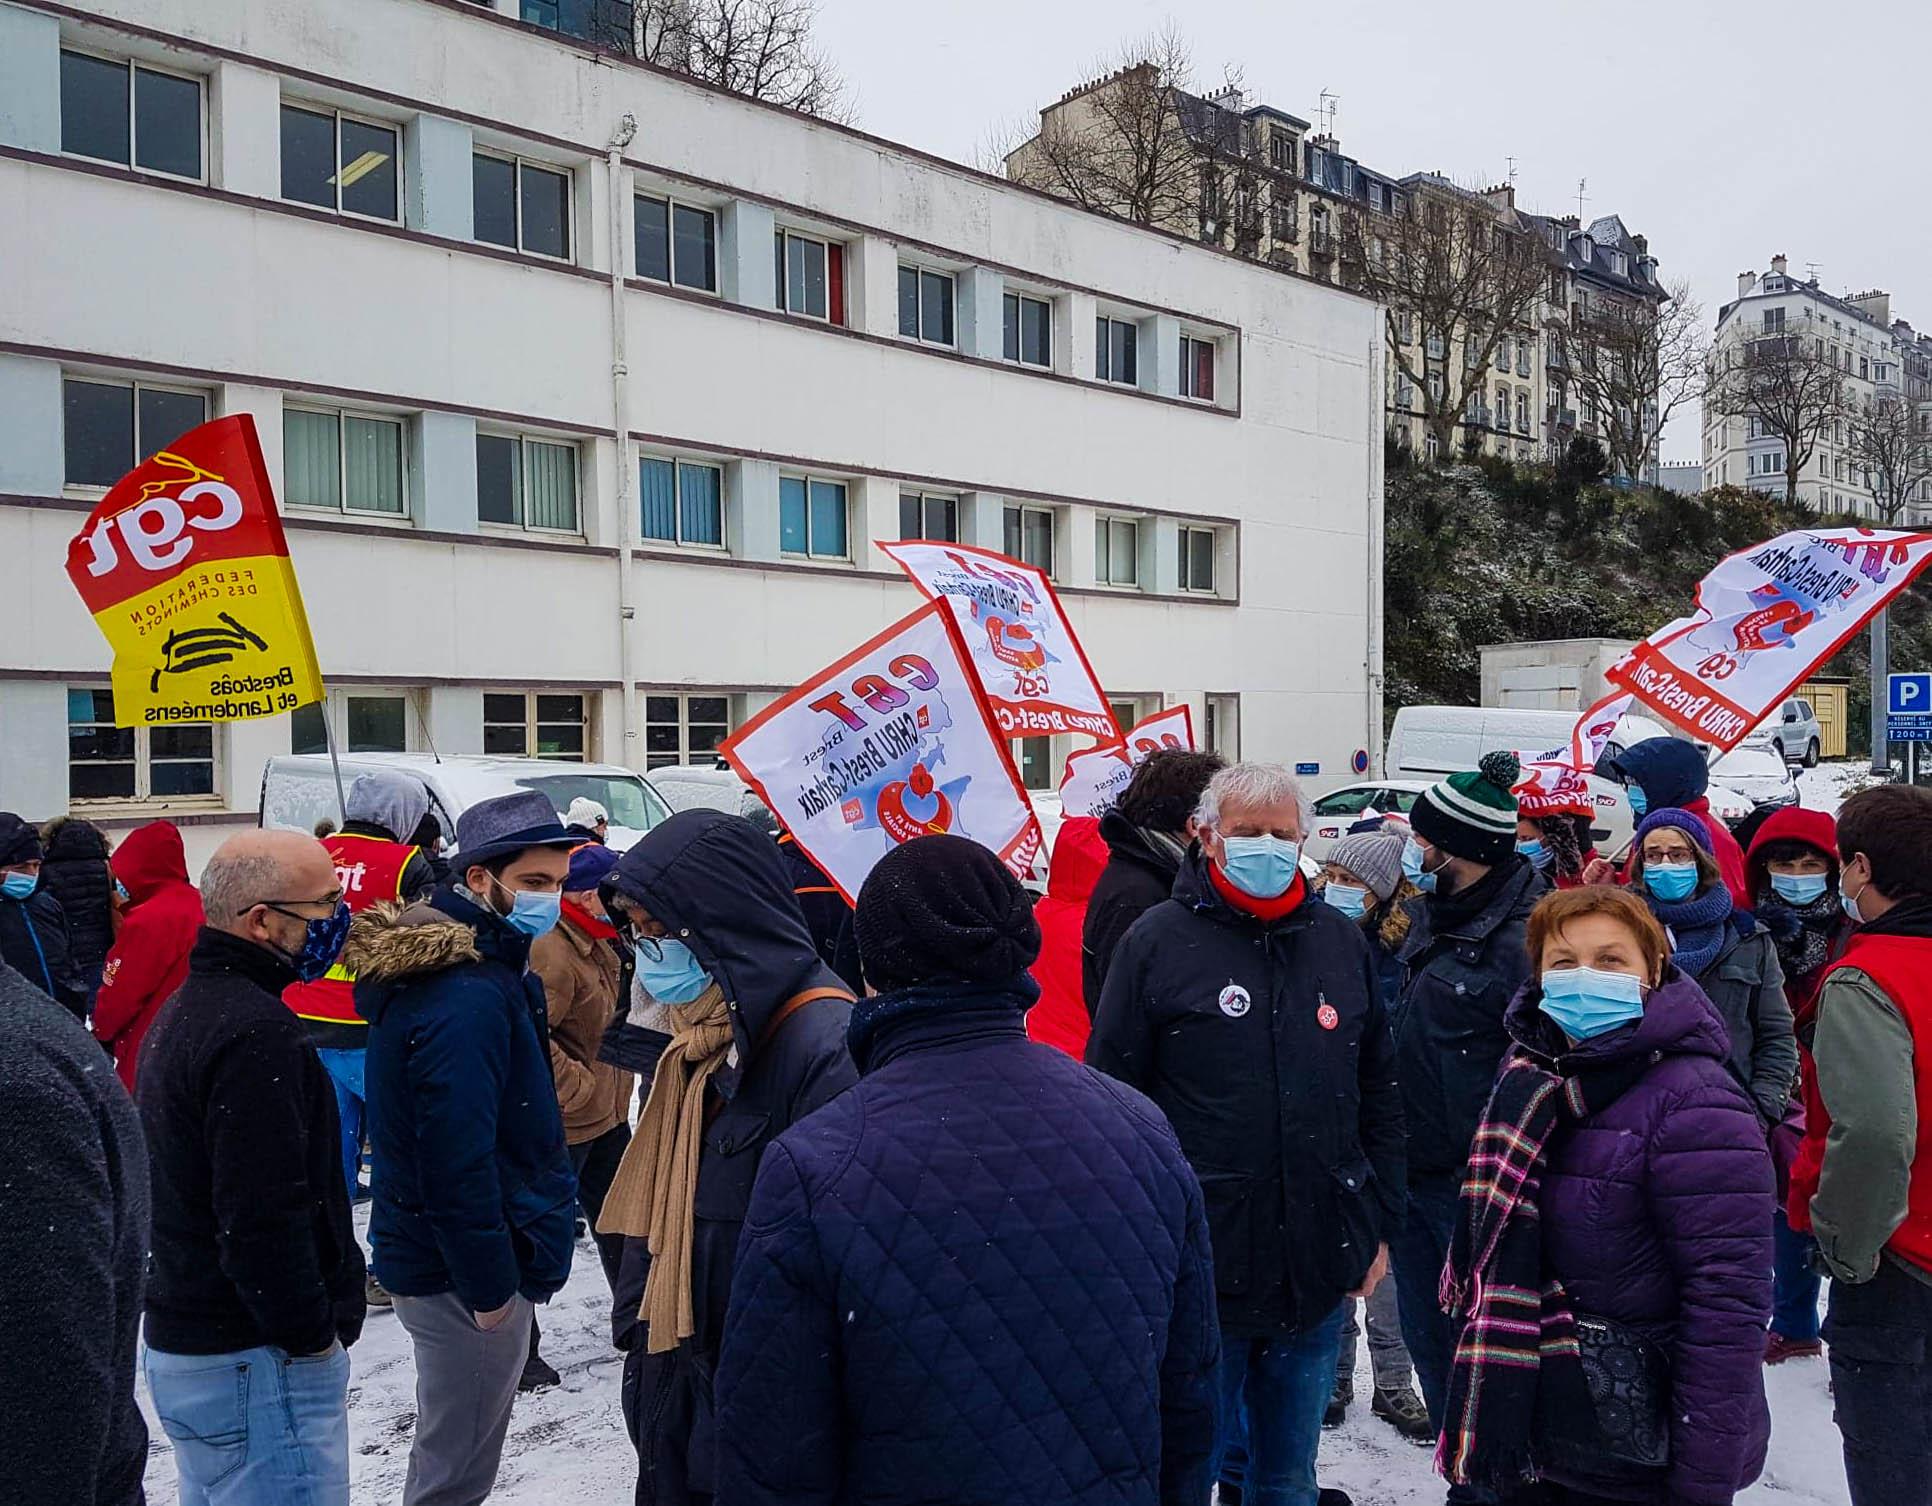 11 Février : Le PCF mobilisé auprès des cheminot.e.s. et des AESH